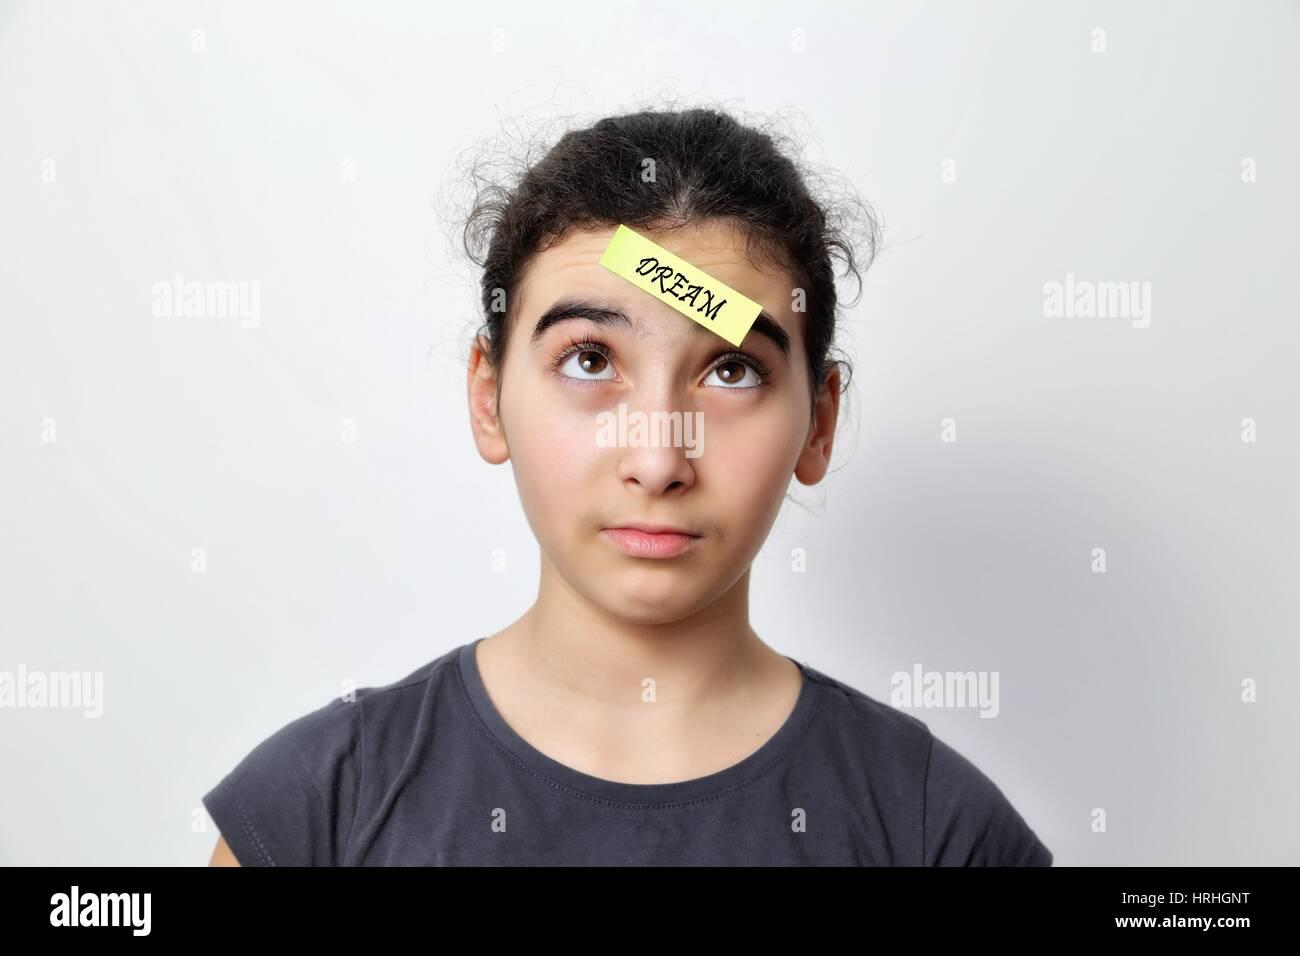 Petite fille avec memo posts sur son front, avec un message de motivation Photo Stock